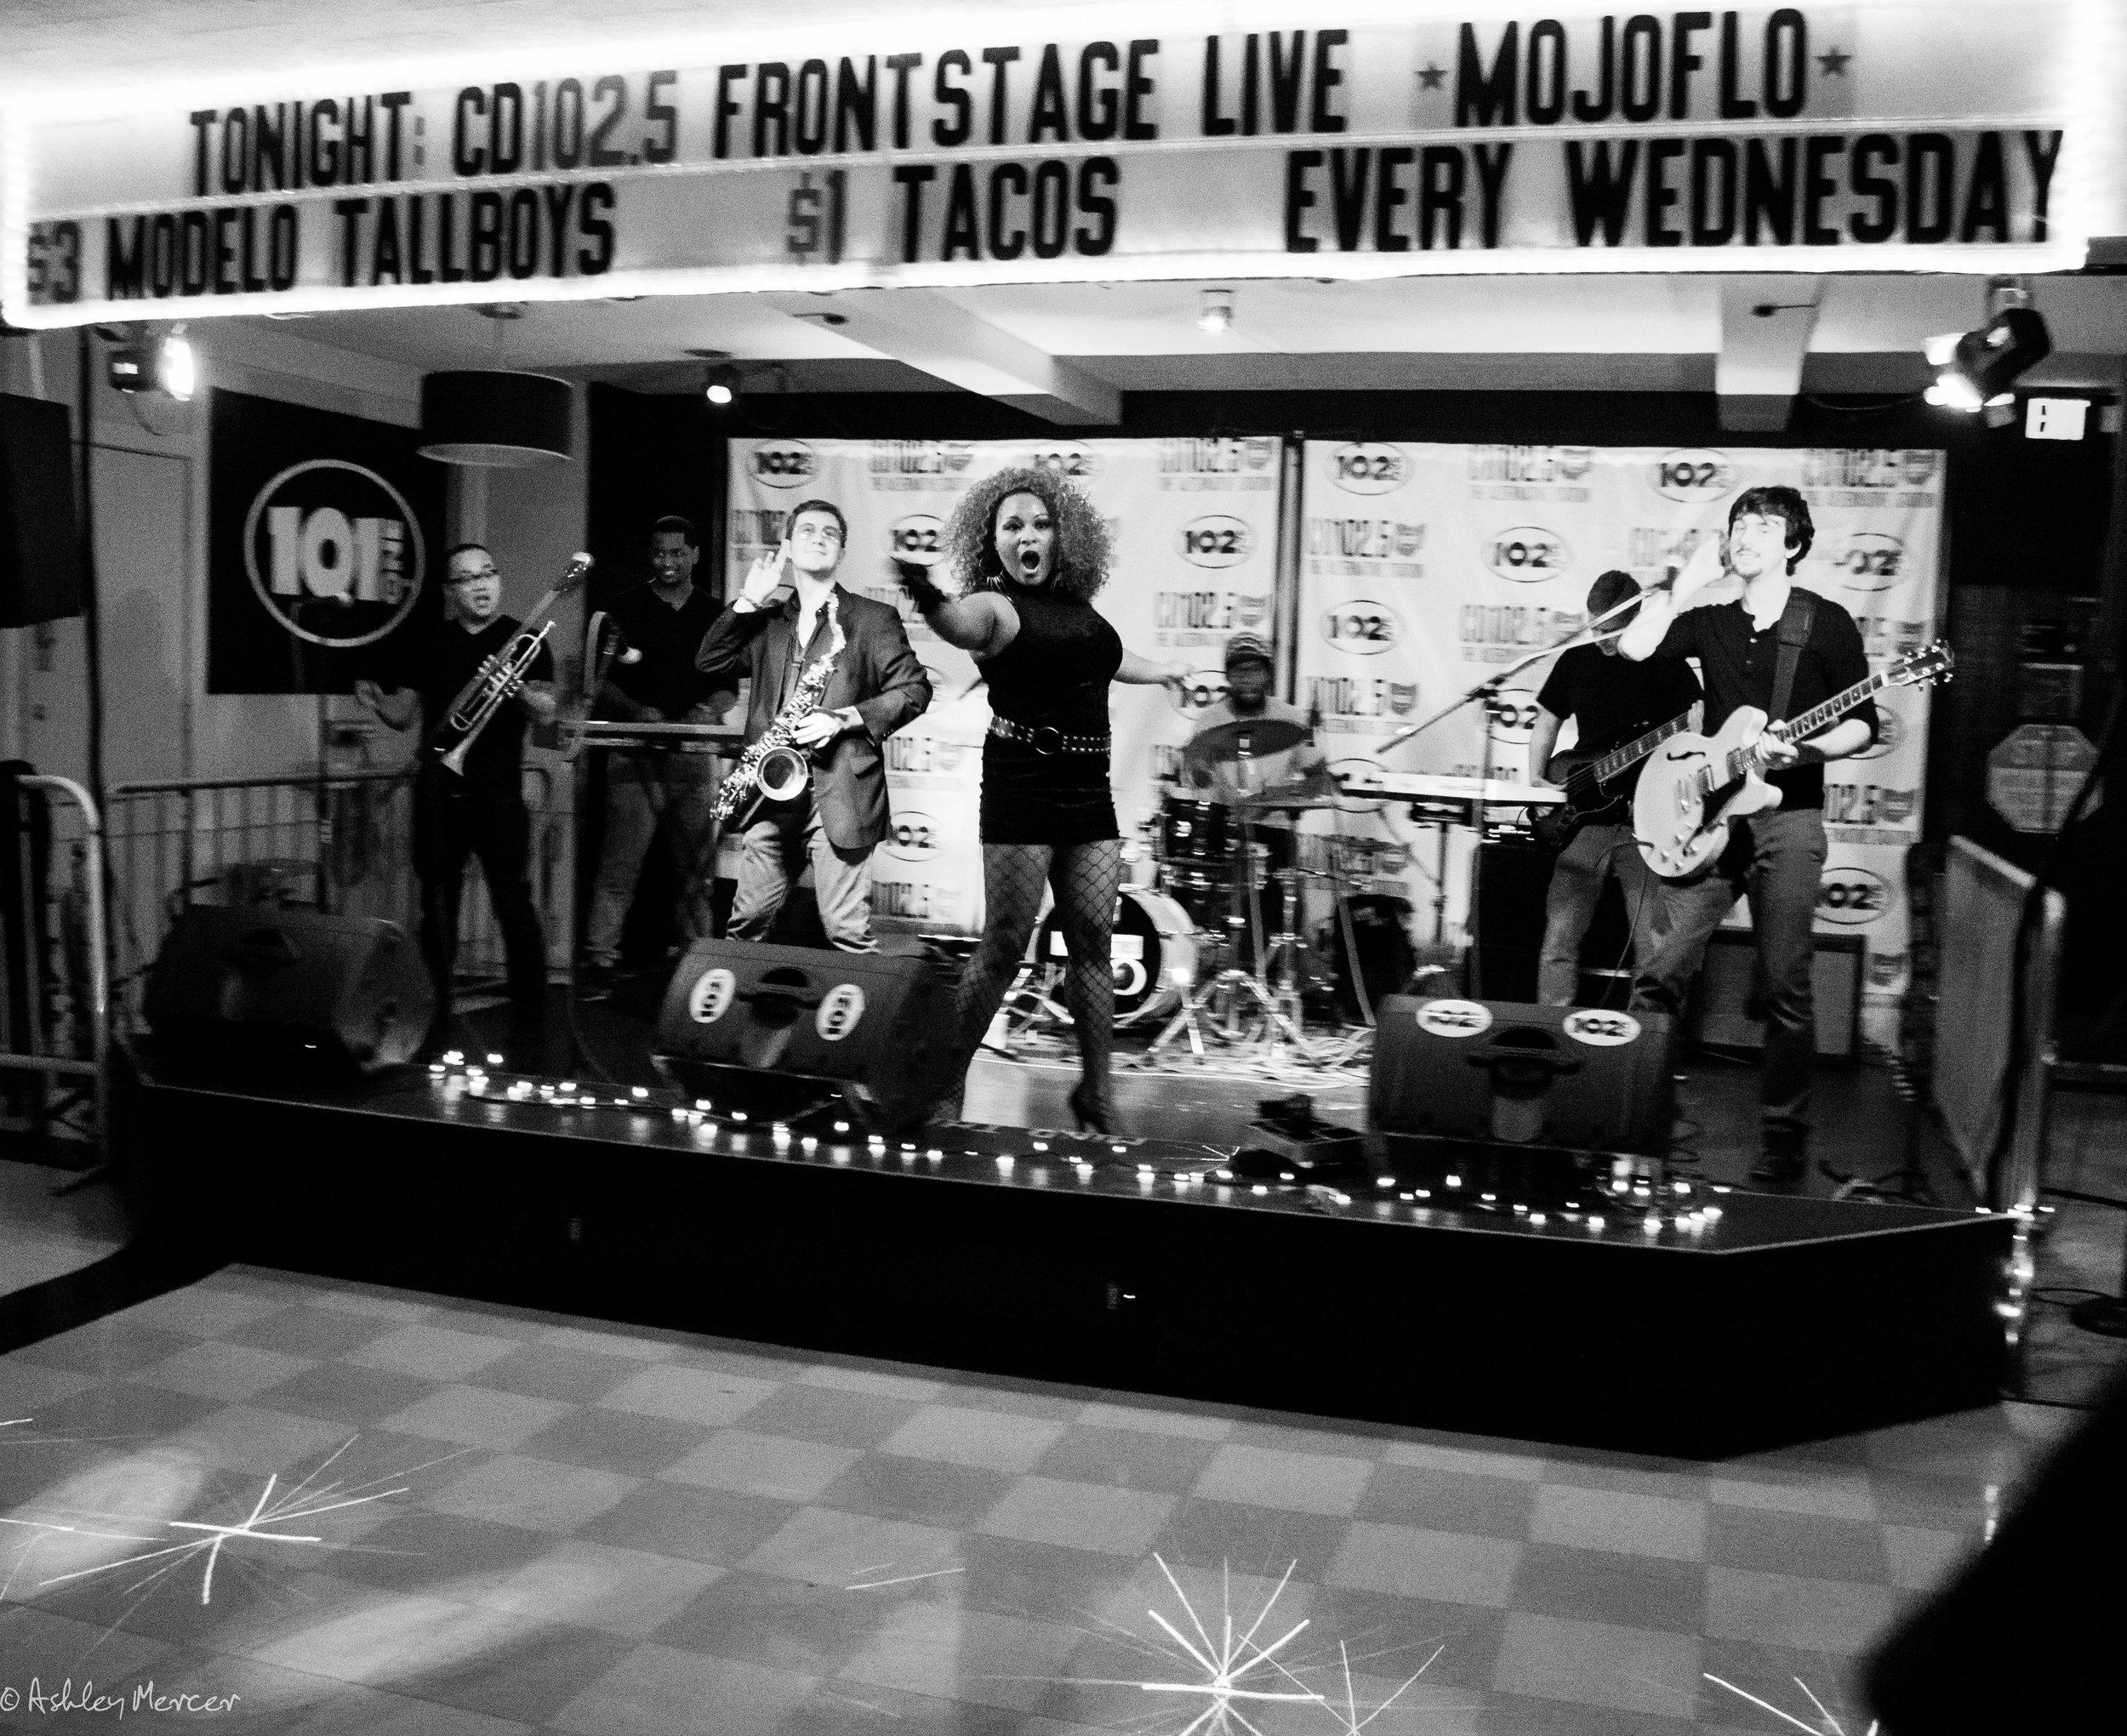 mojoflo front stage-32.jpg